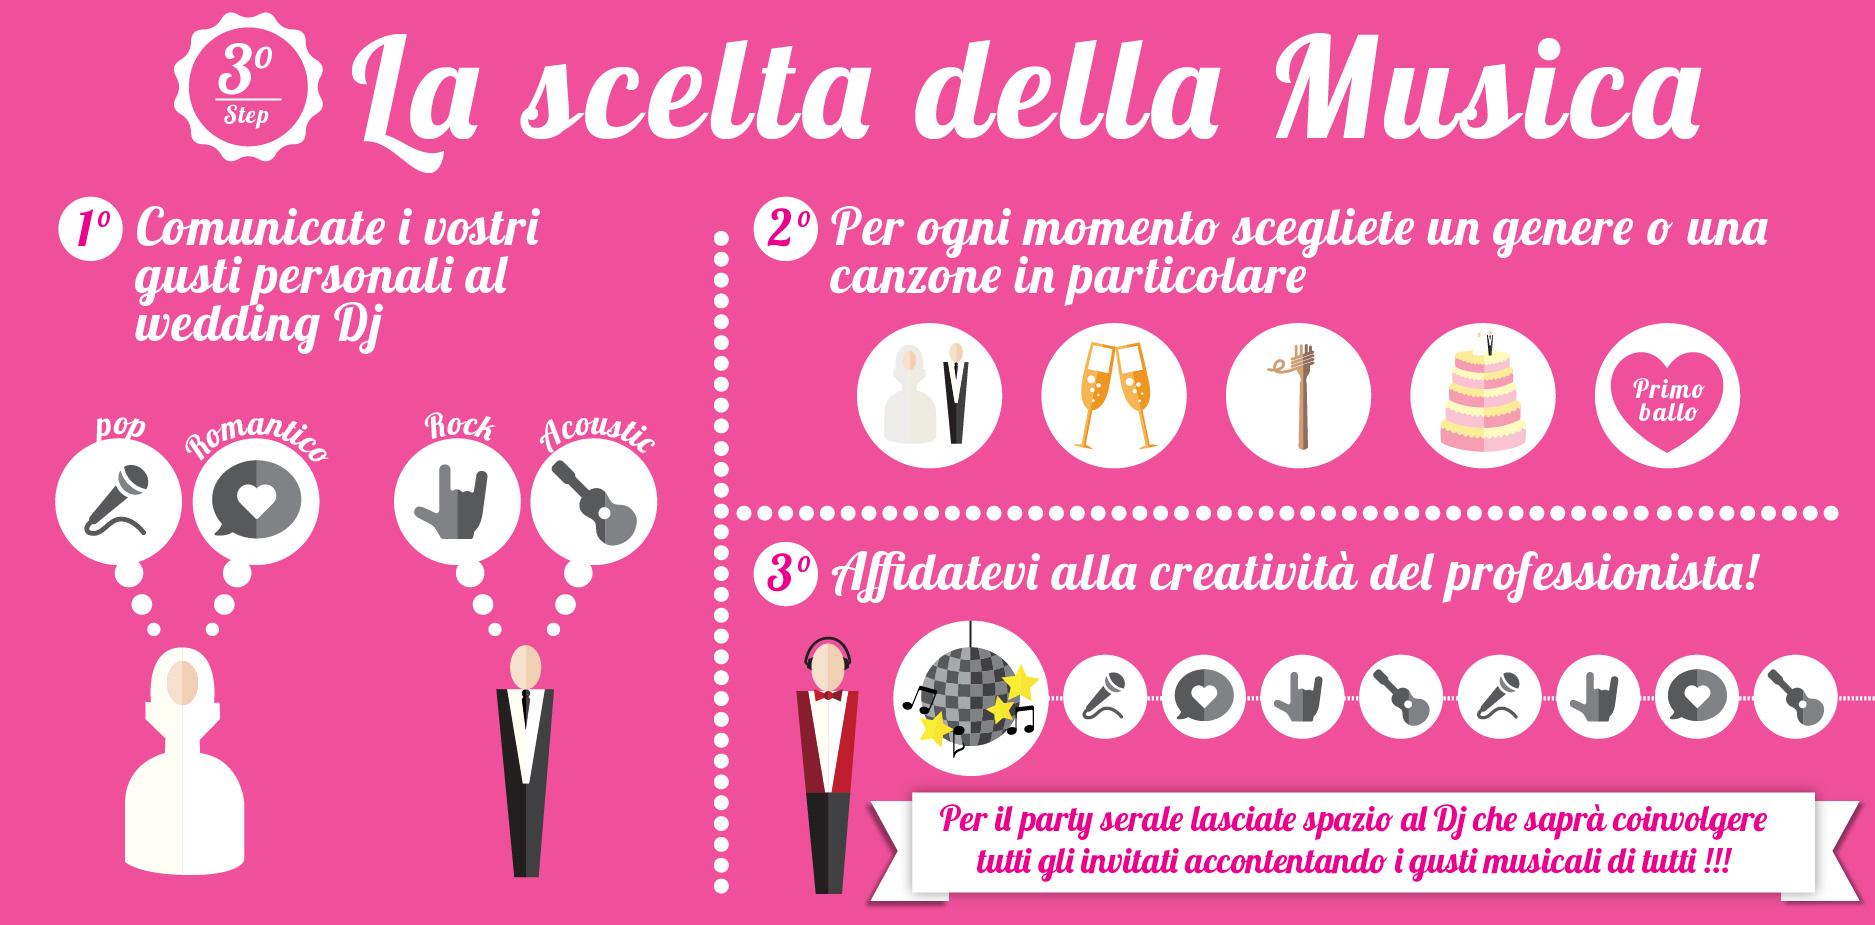 infografica 5 step musica_ low-04